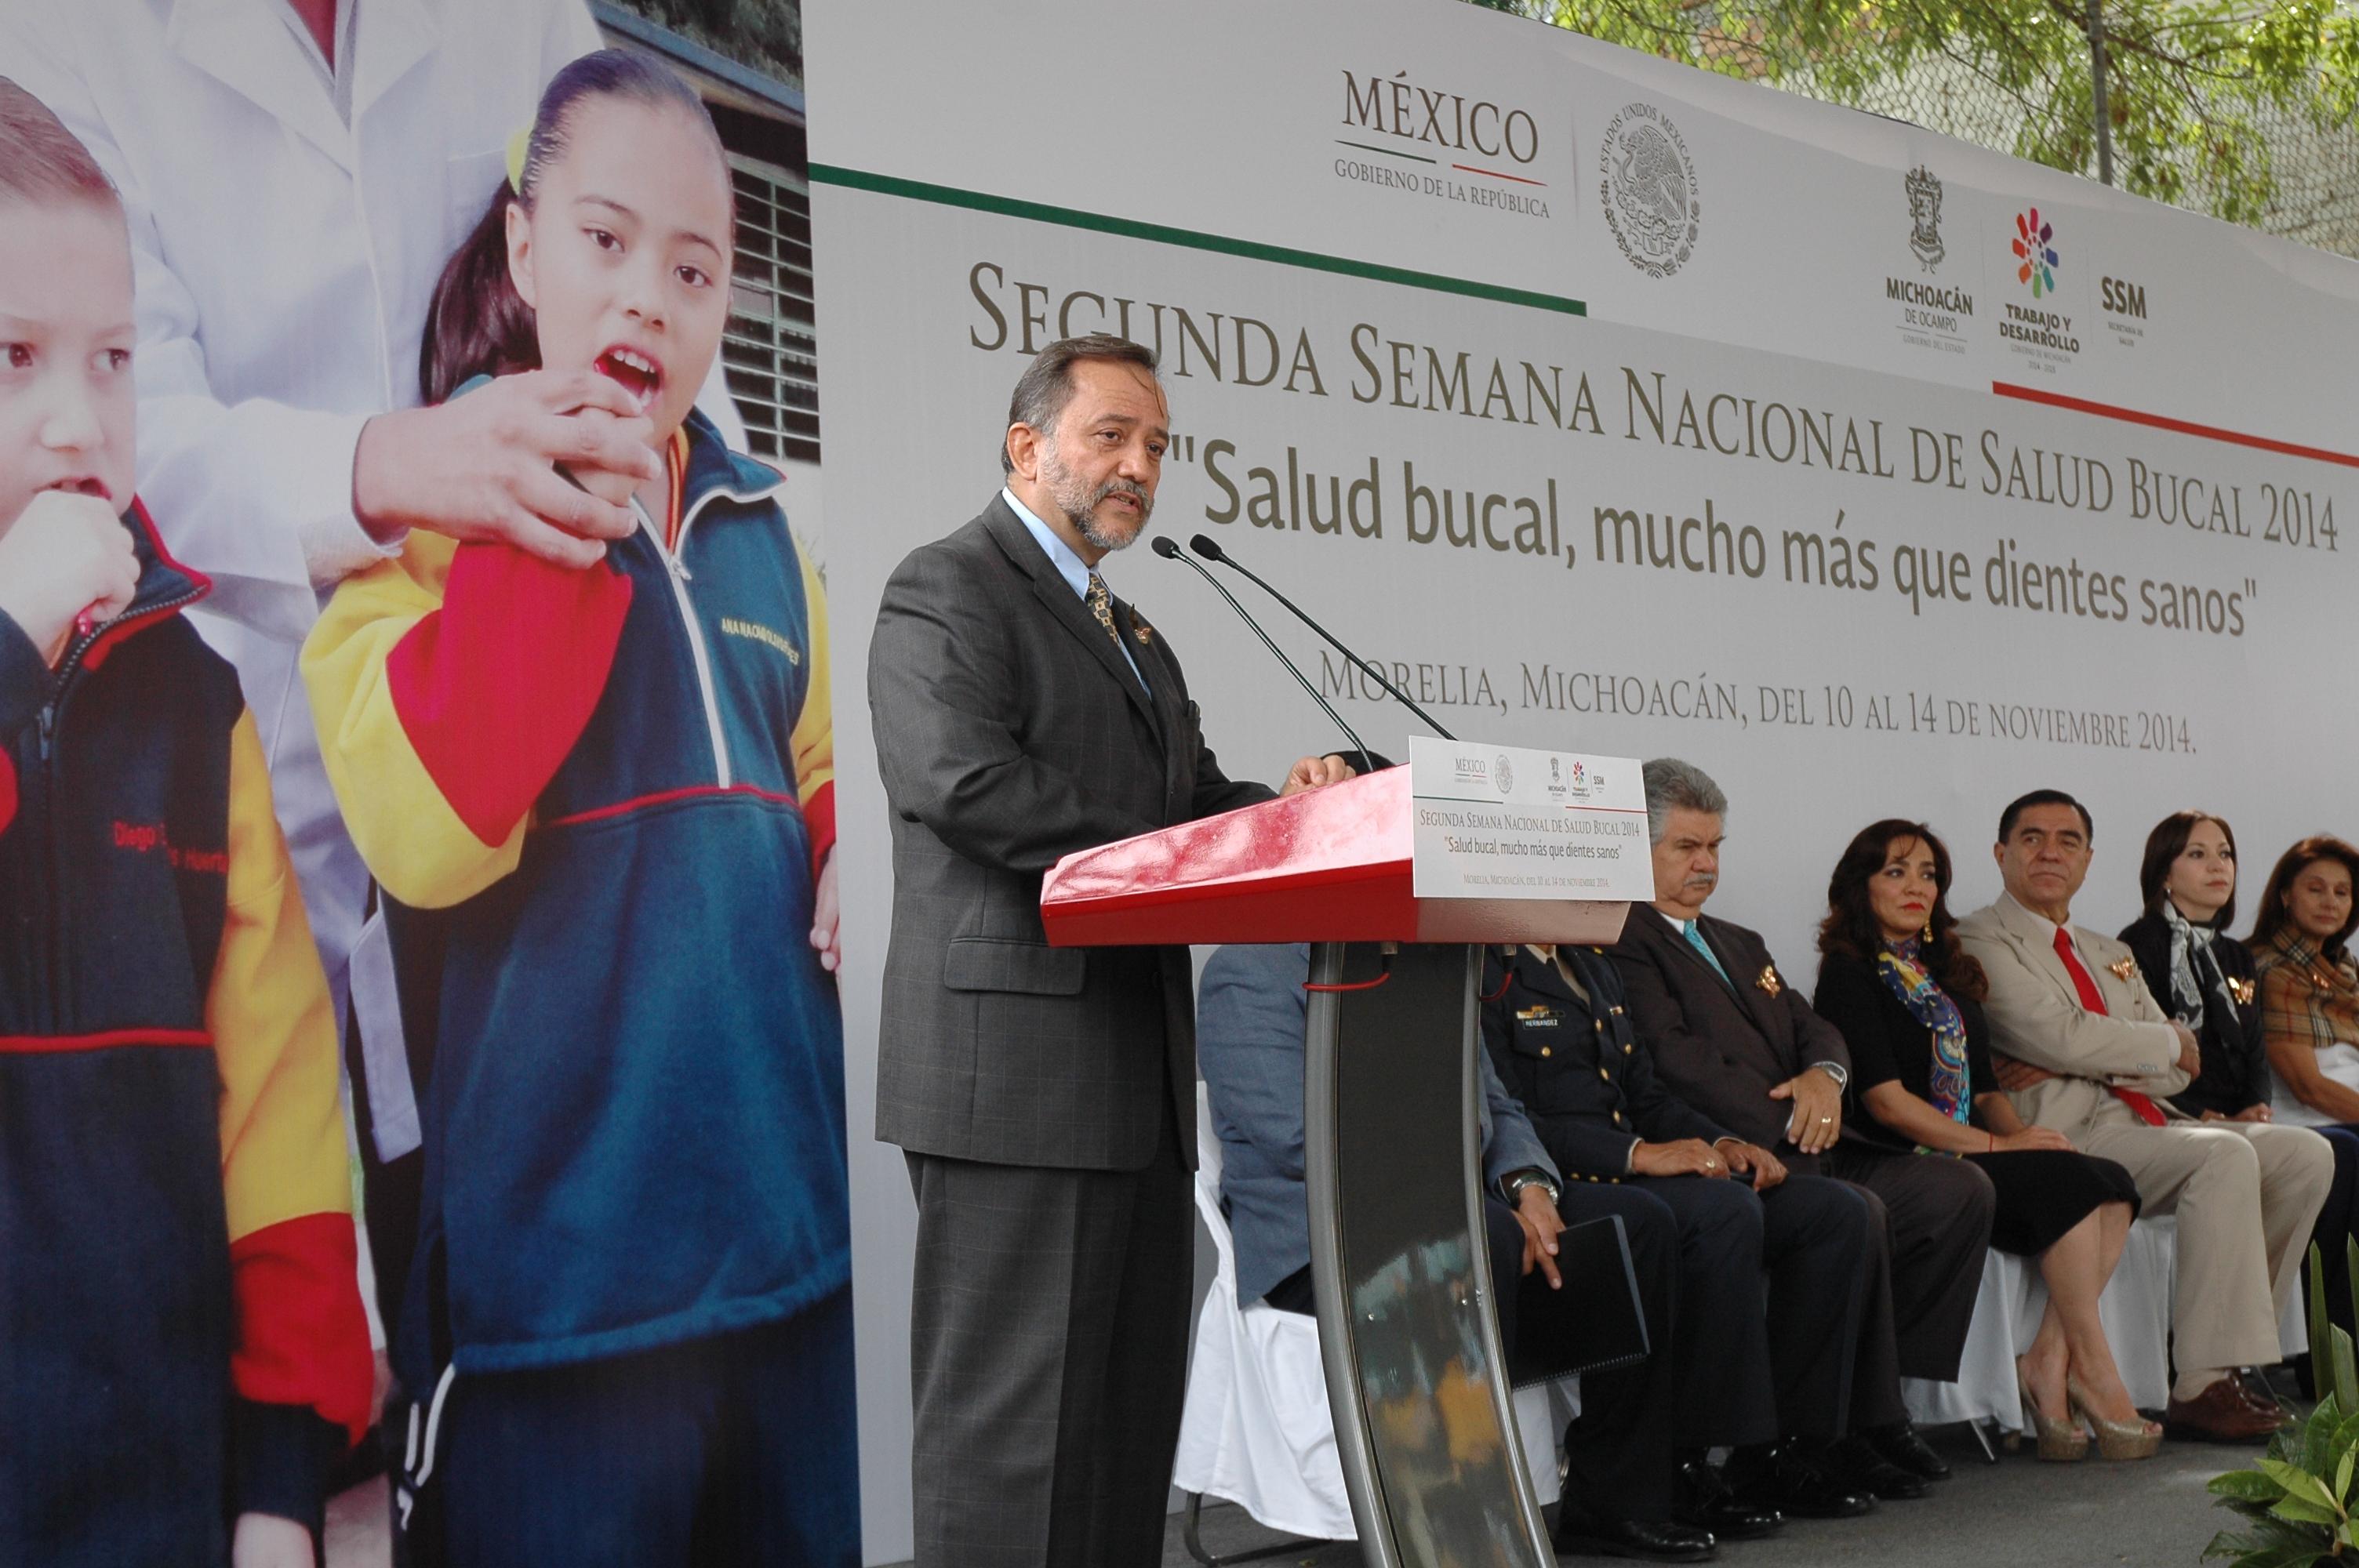 Arranca en Morelia Michoacán, Segunda Semana  Nacional Bucal